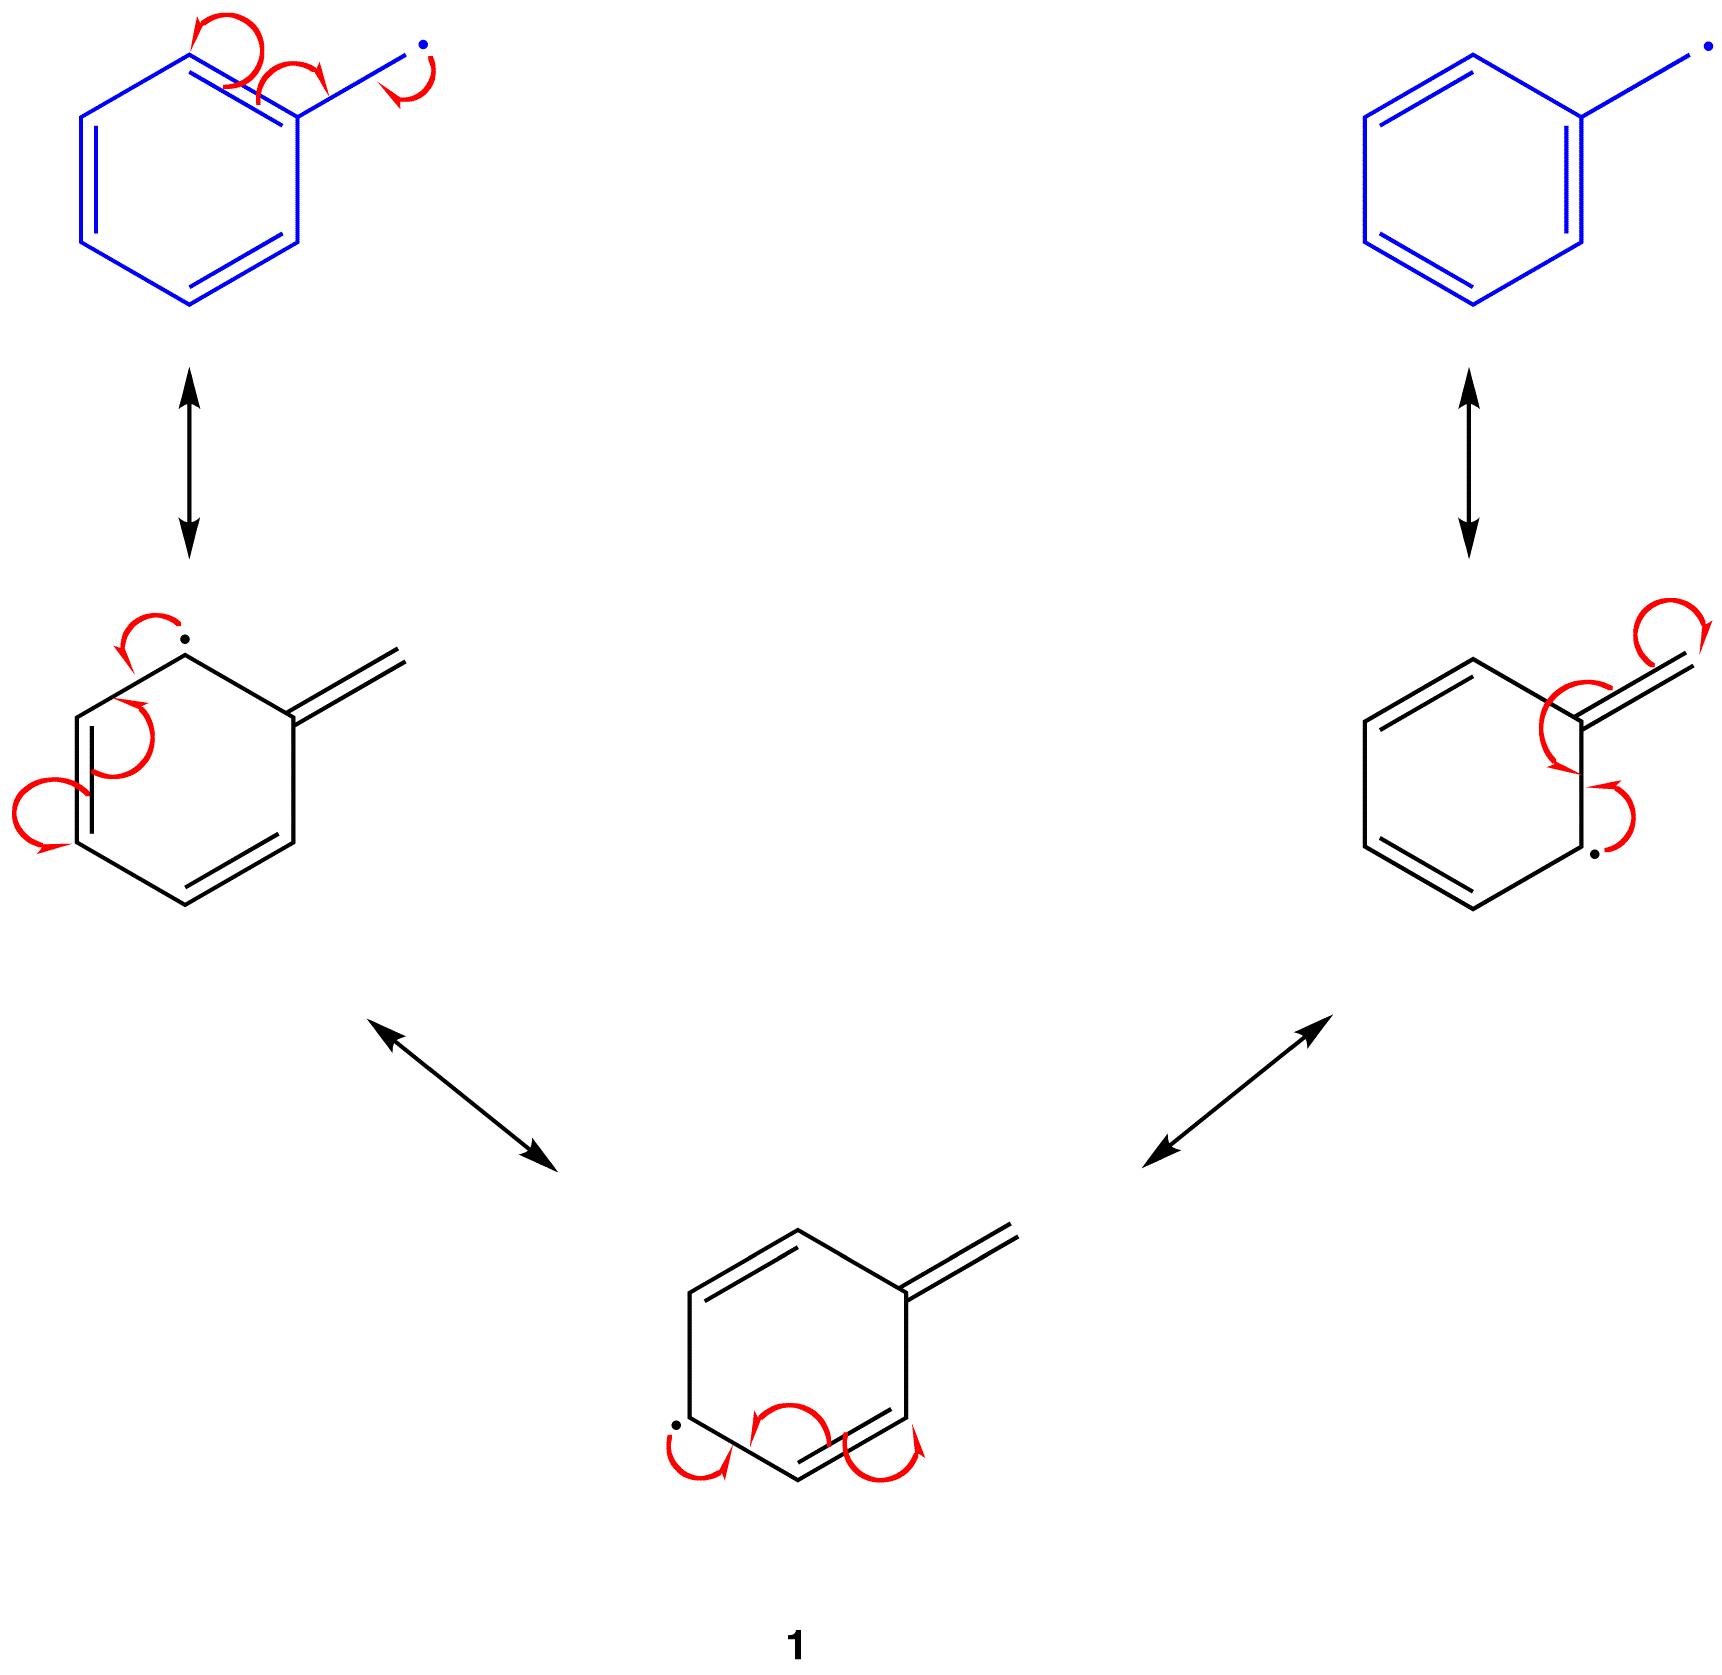 how to draw bebzyl alcohol